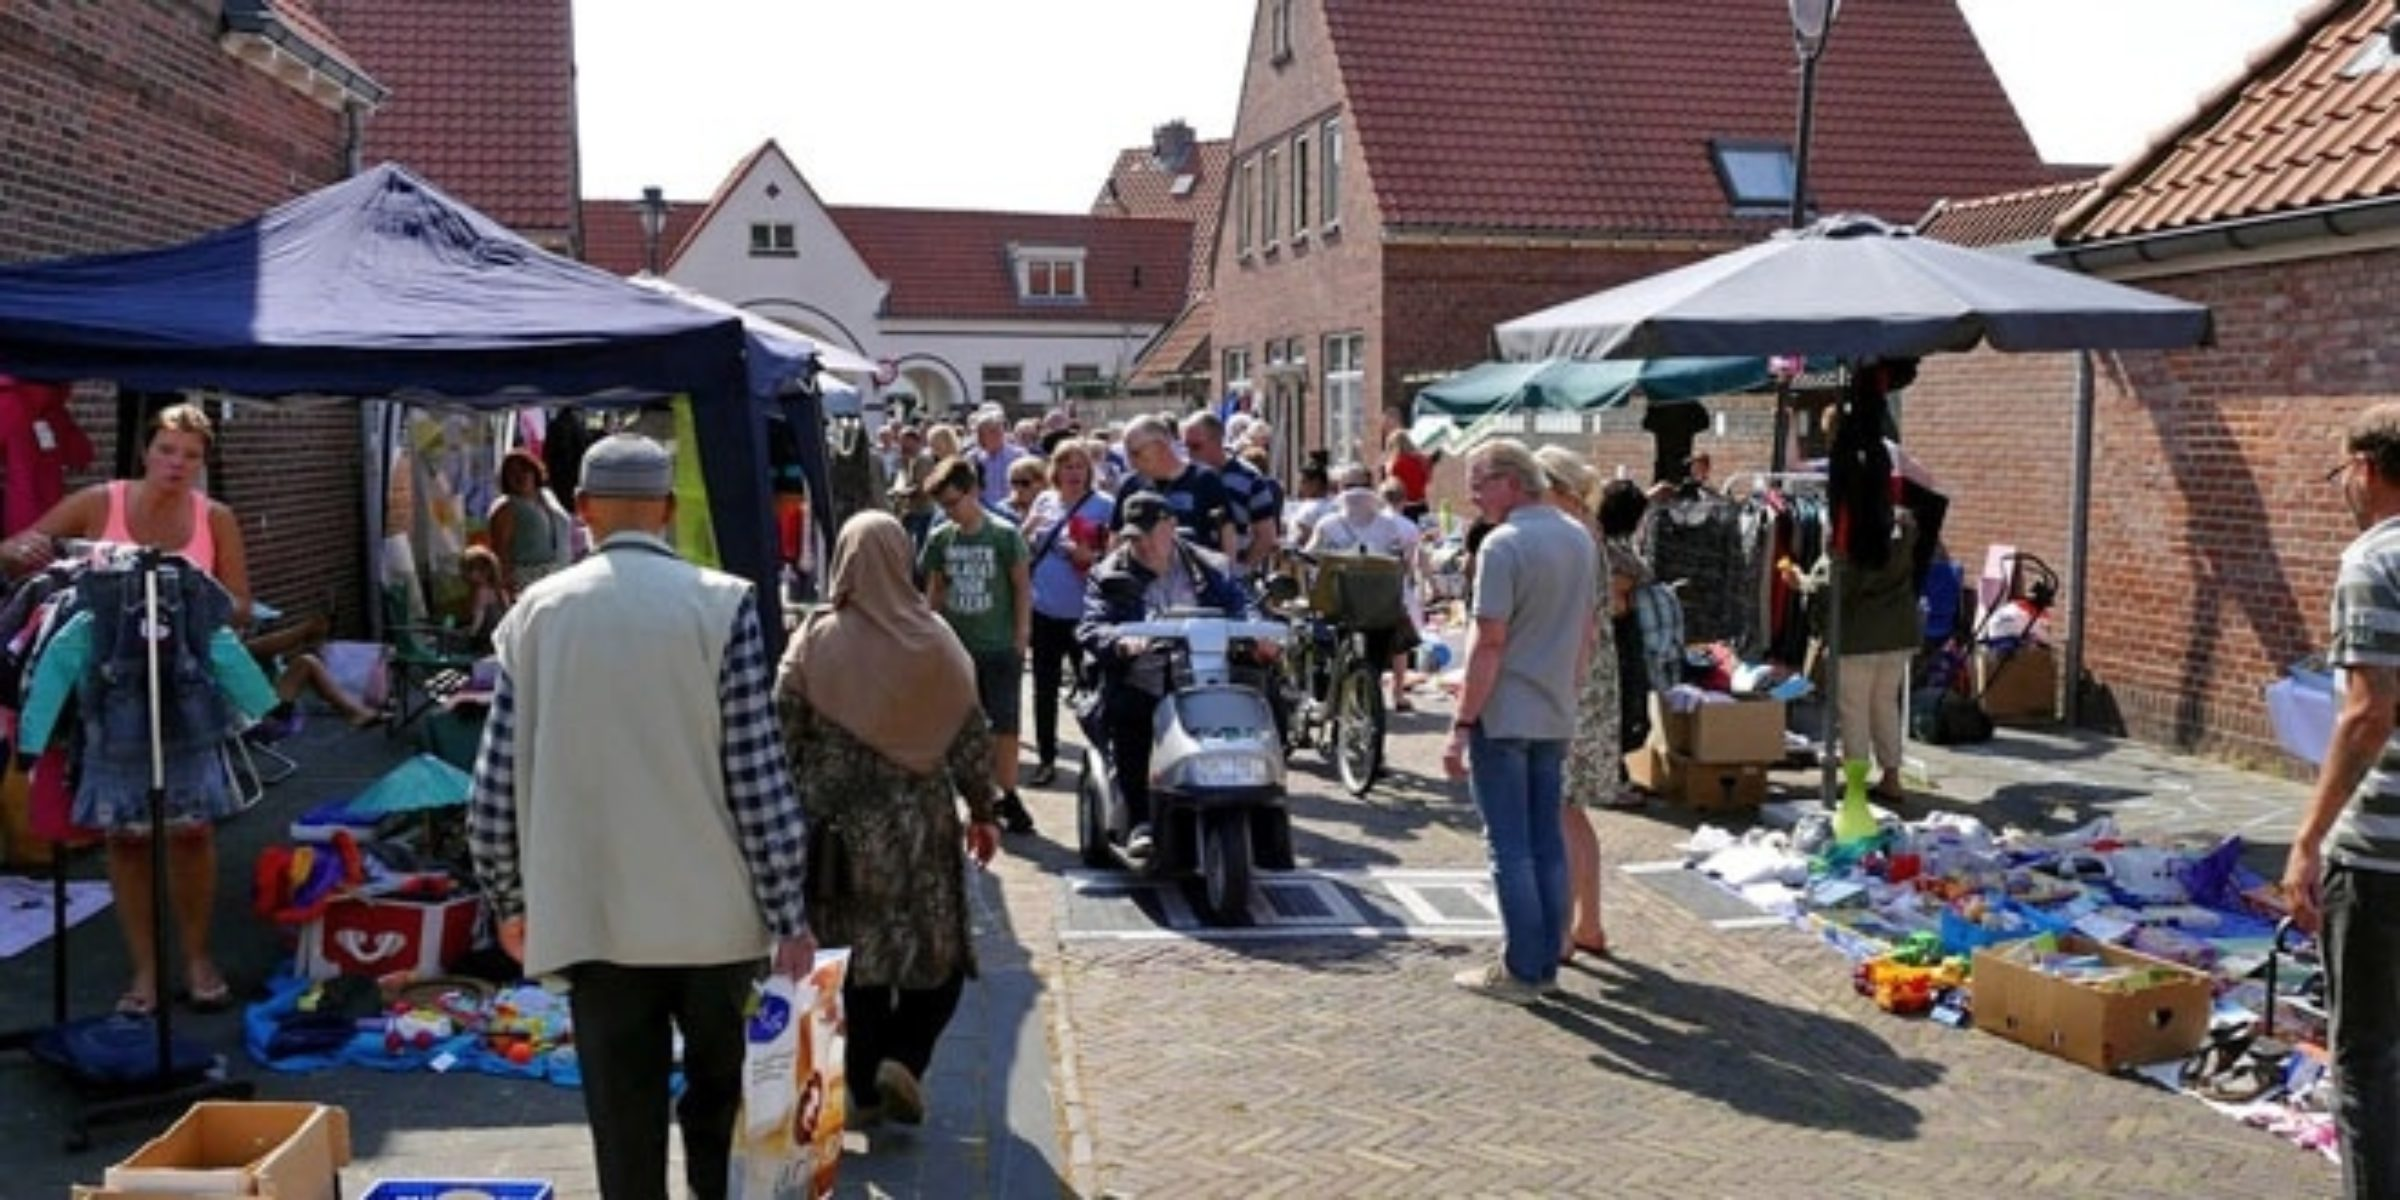 3 Meimarkt Spinnerstraat